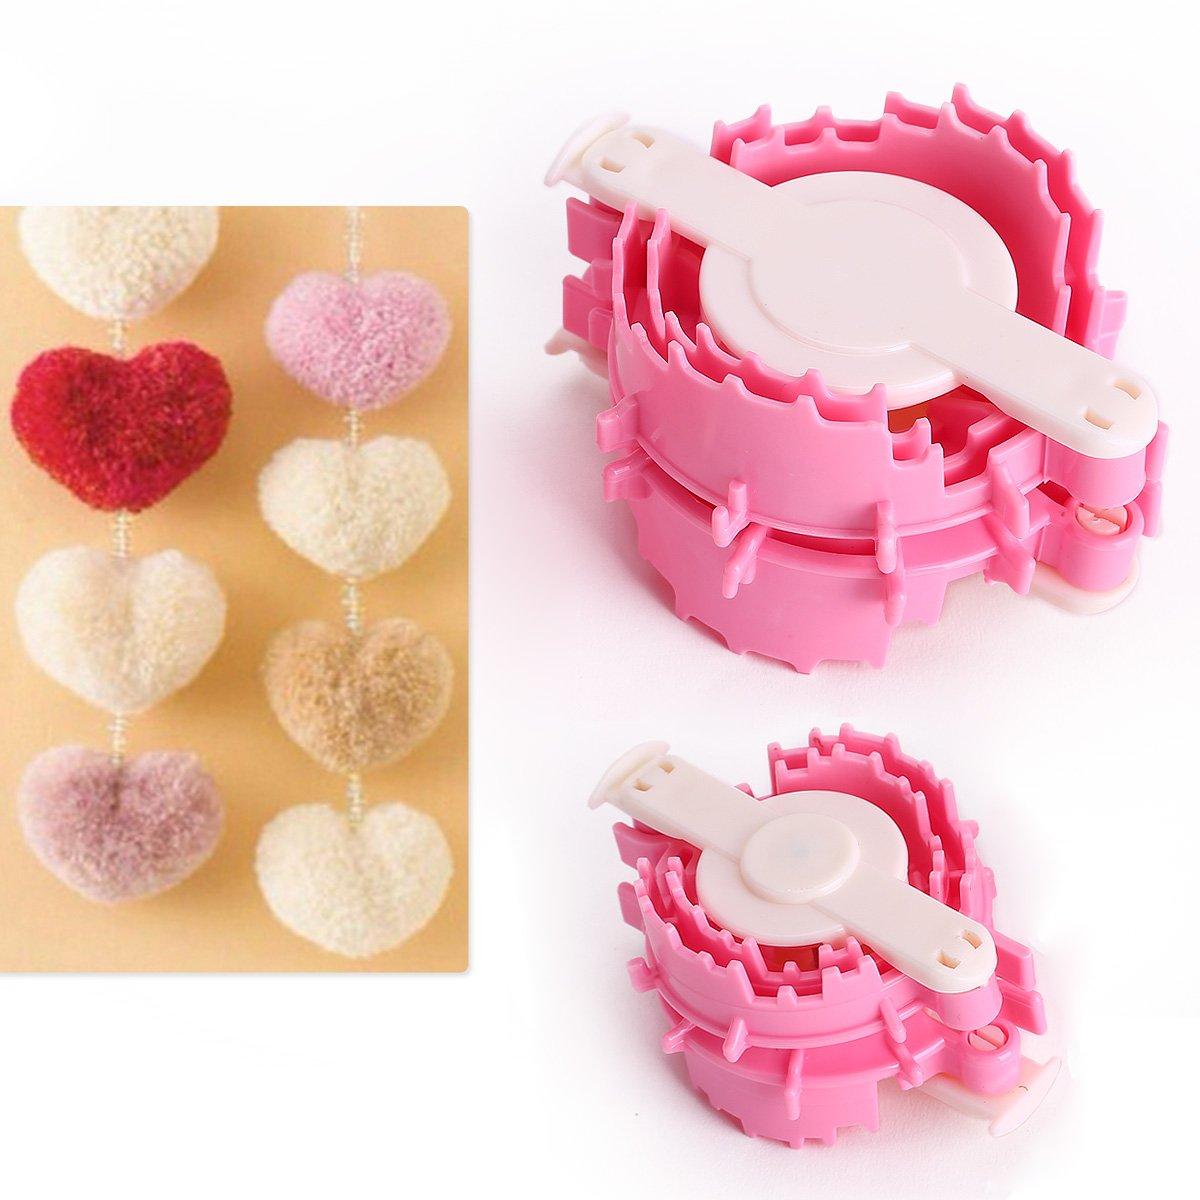 CLE DE TOUS - Juego de telares tejedor artesano con forma de corazón bola Pompón Heart Pom Pom Maker   Revisión del cliente y la descripción más